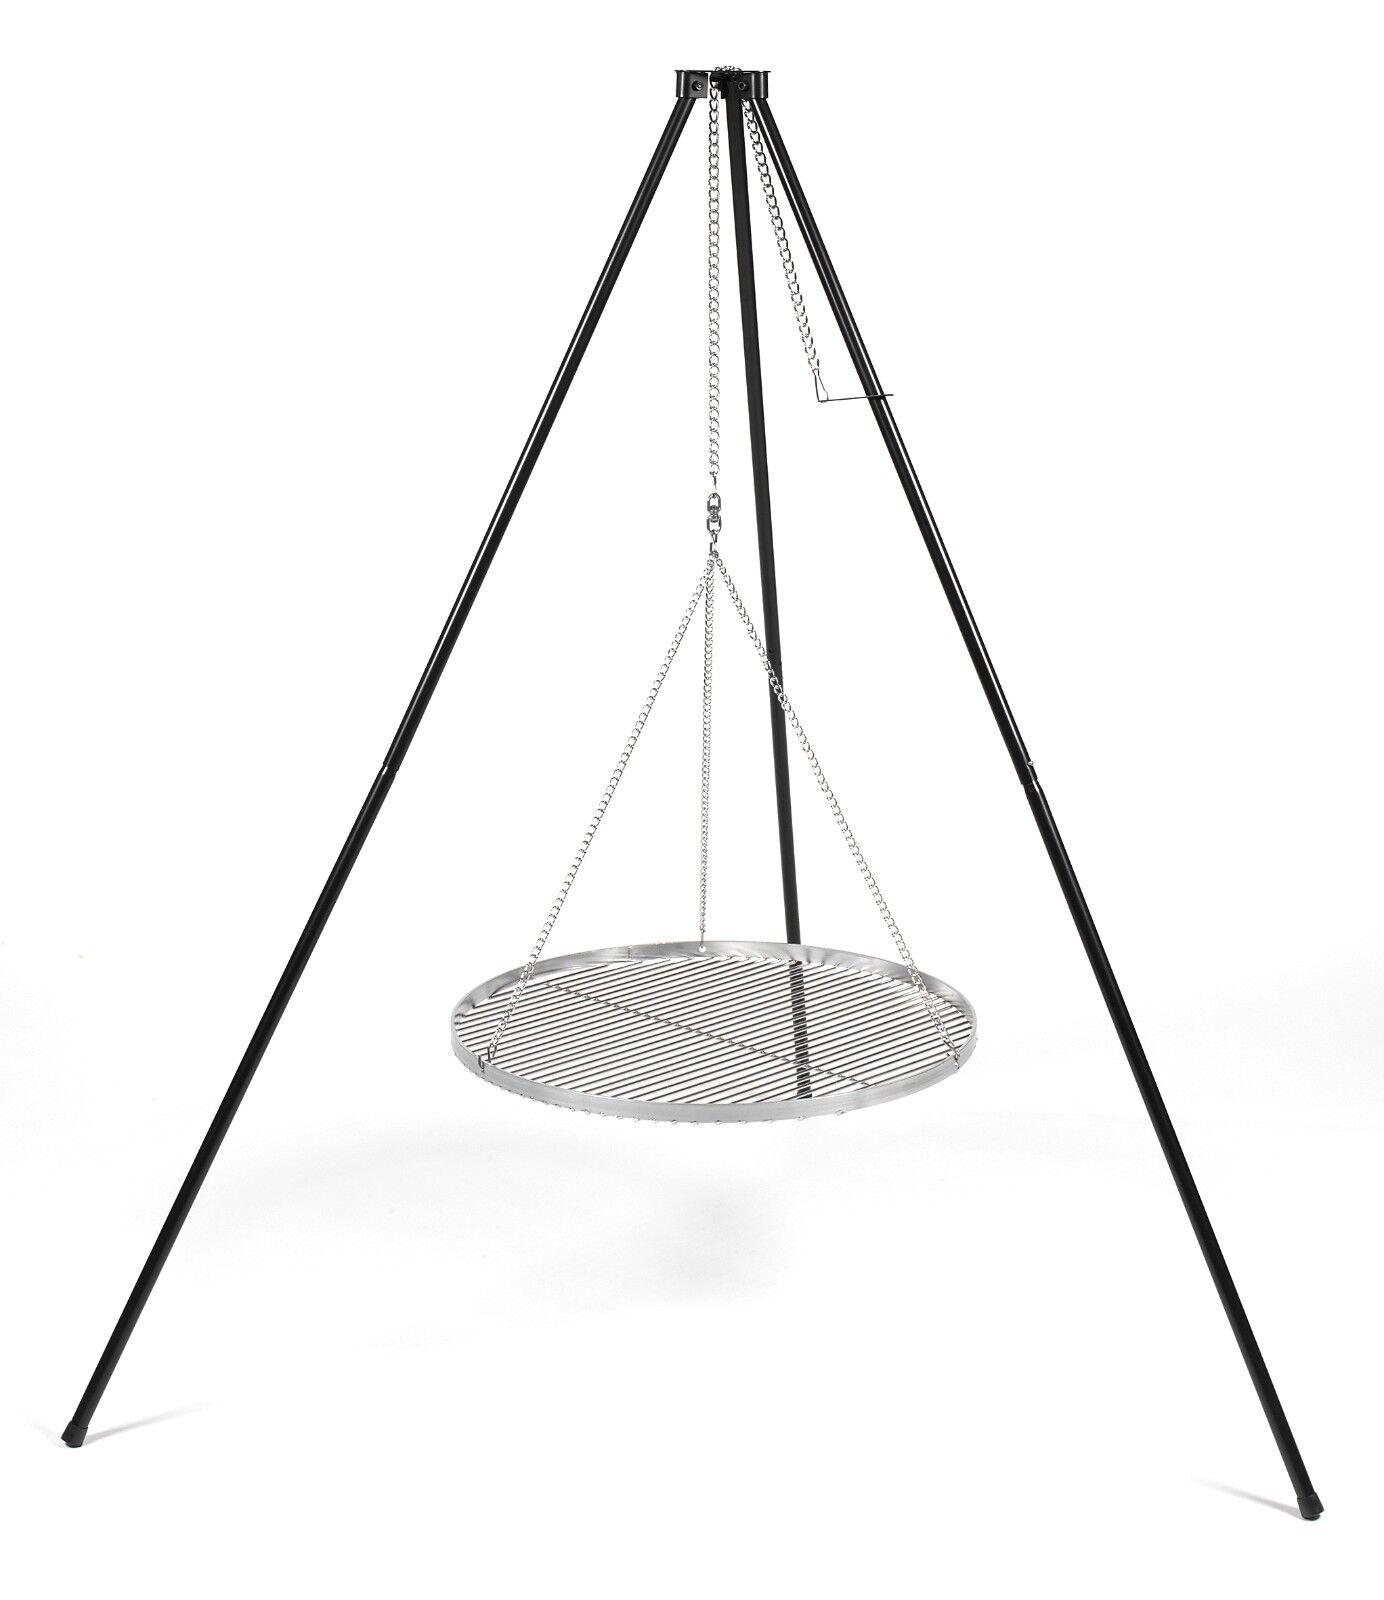 Schwenkgrill Höhe 200 cm Dreibein mit Grillrost Ø 50 cm Stahl